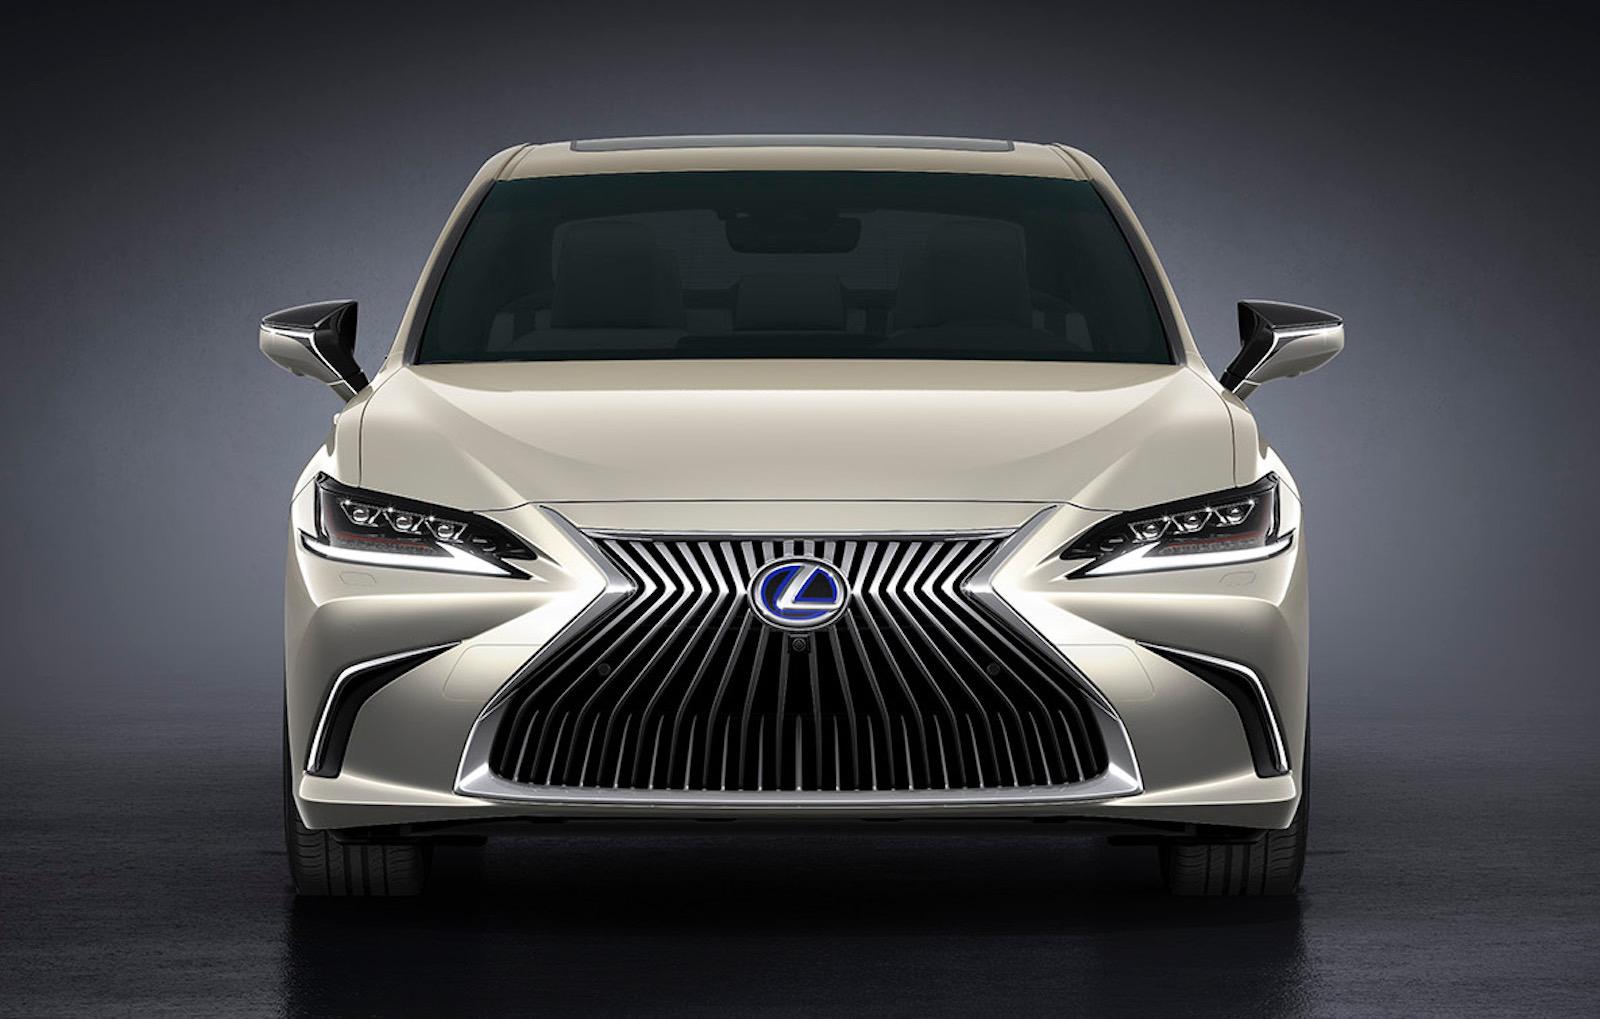 2019 lexus es revealed  hybrid es 300h confirmed for